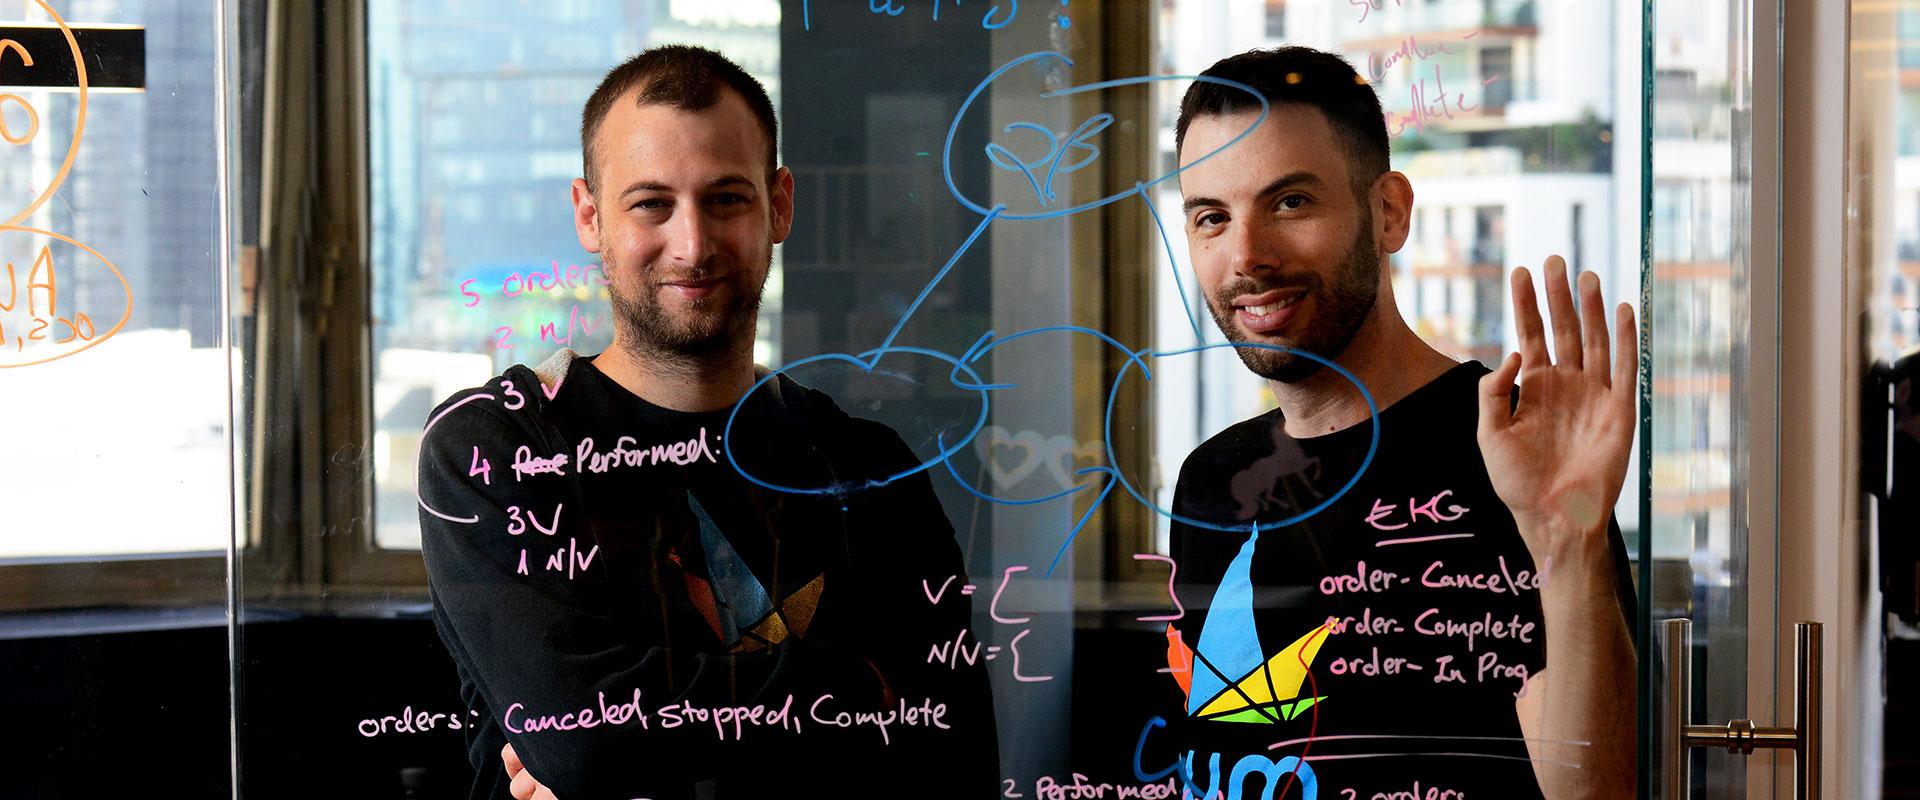 10 הסטארט-אפים המבטיחים 2020 - אדם רימון ועמיחי נידרמן, מייסדי Nym / צילום: Nym